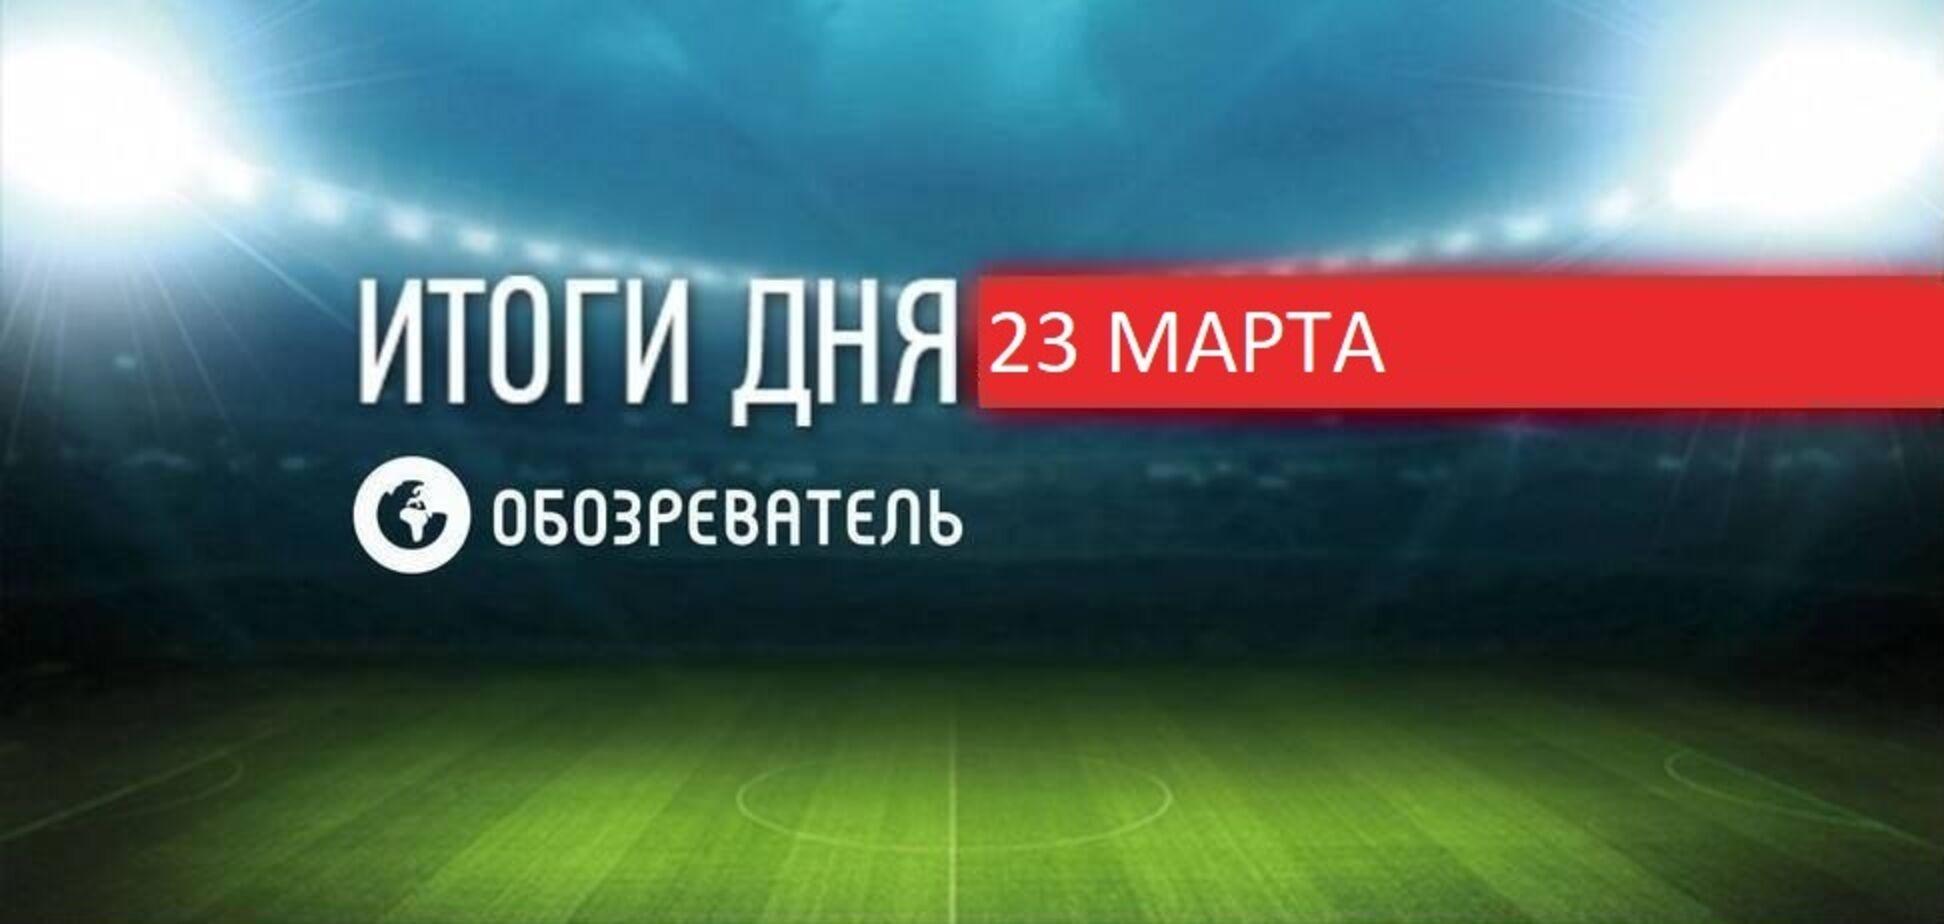 Новости спорта 23 марта: Украина потеряла форварда перед матчем с Францией